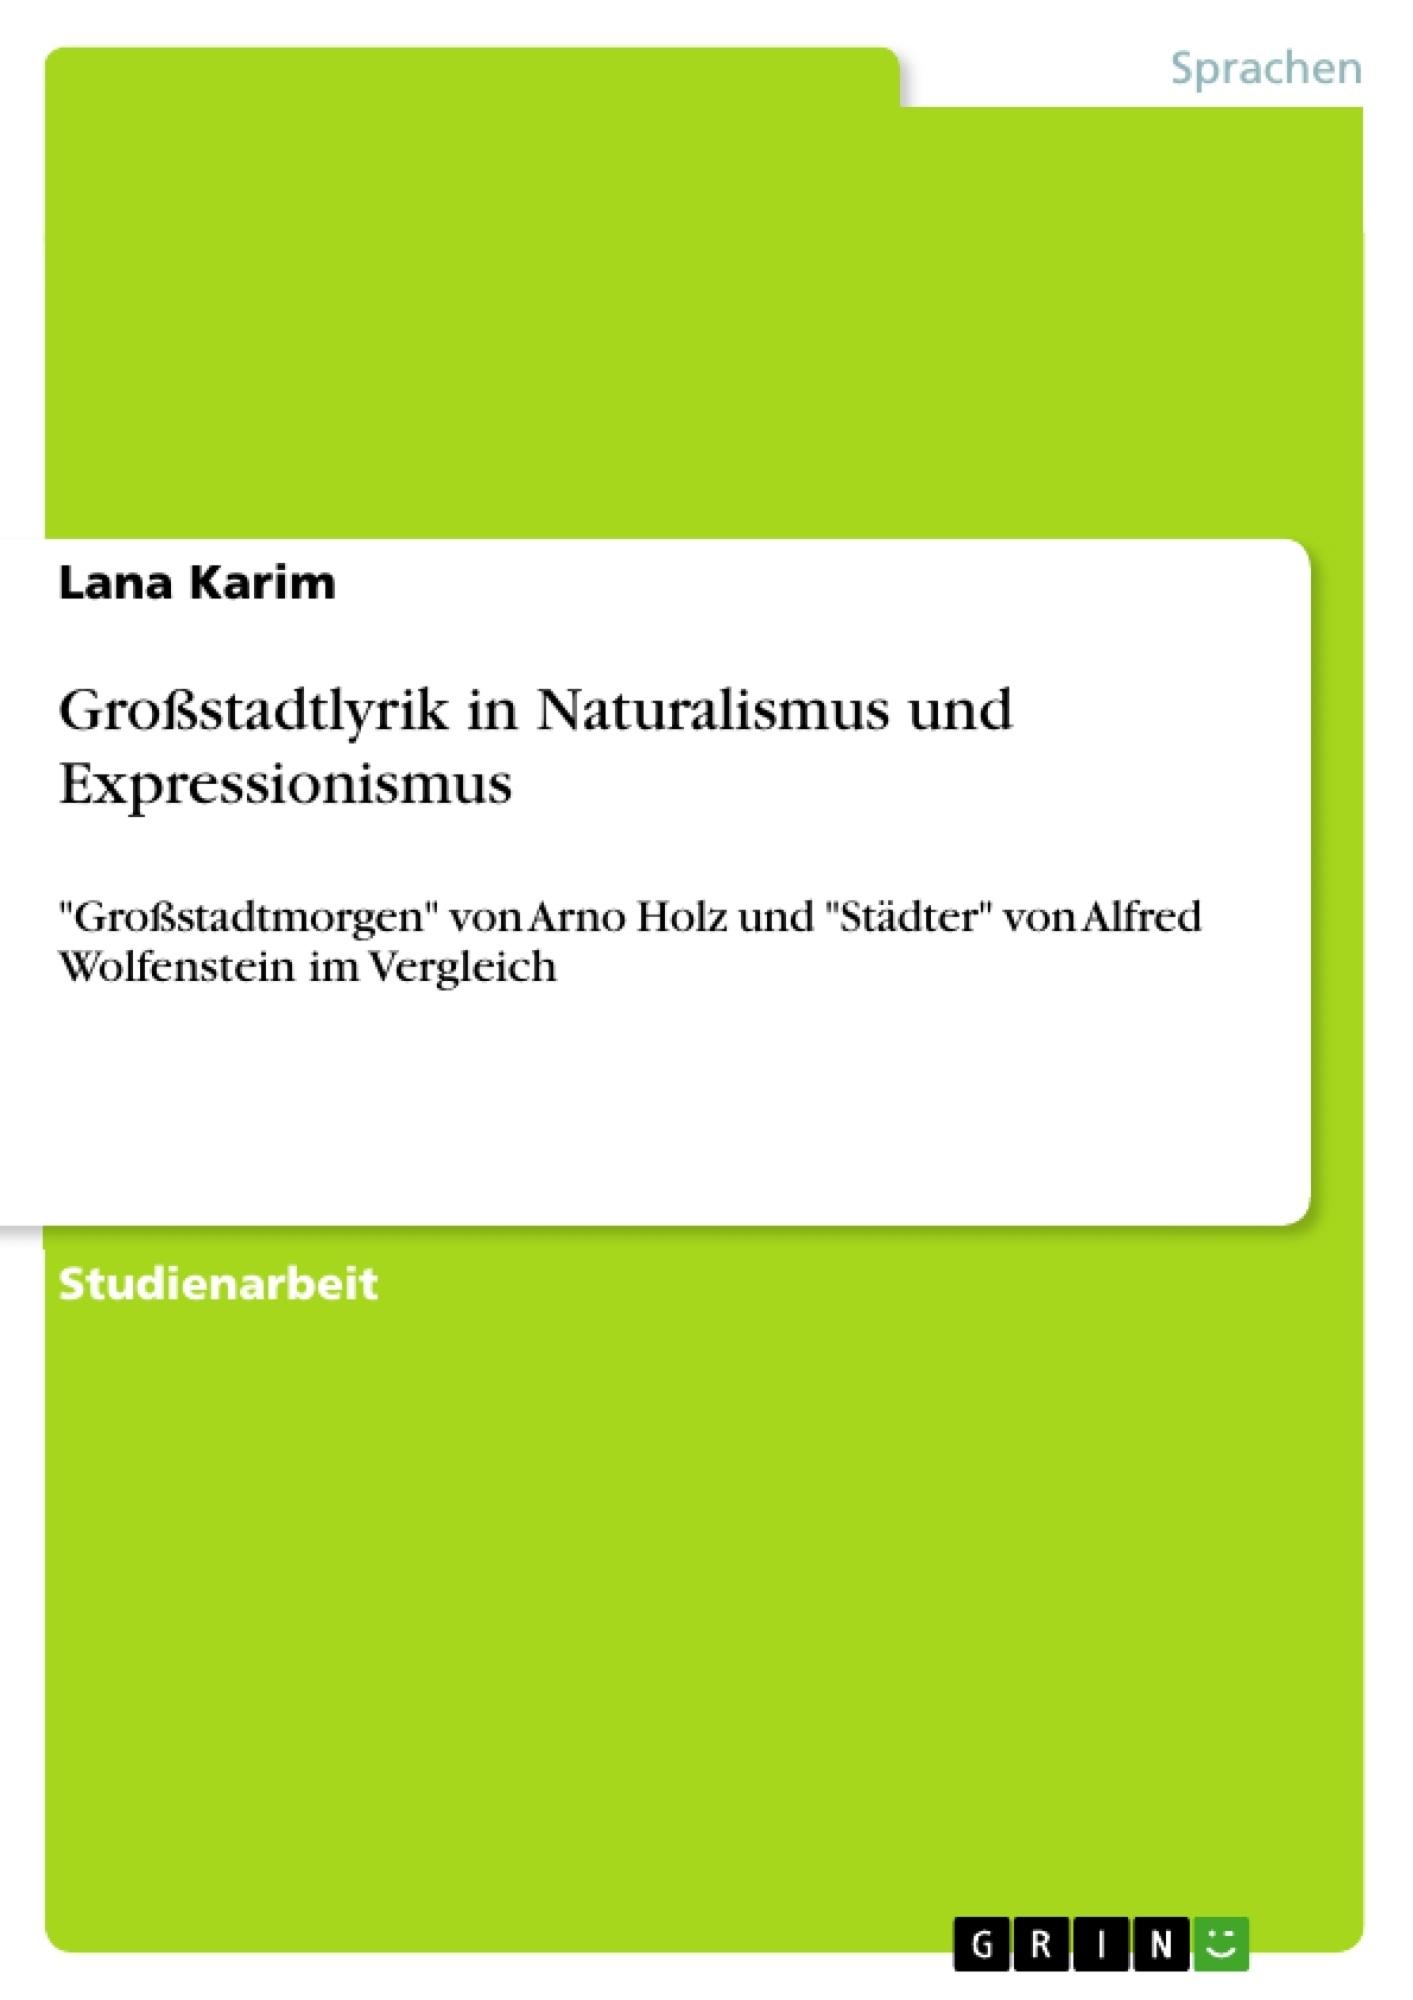 Titel: Großstadtlyrik in Naturalismus und Expressionismus